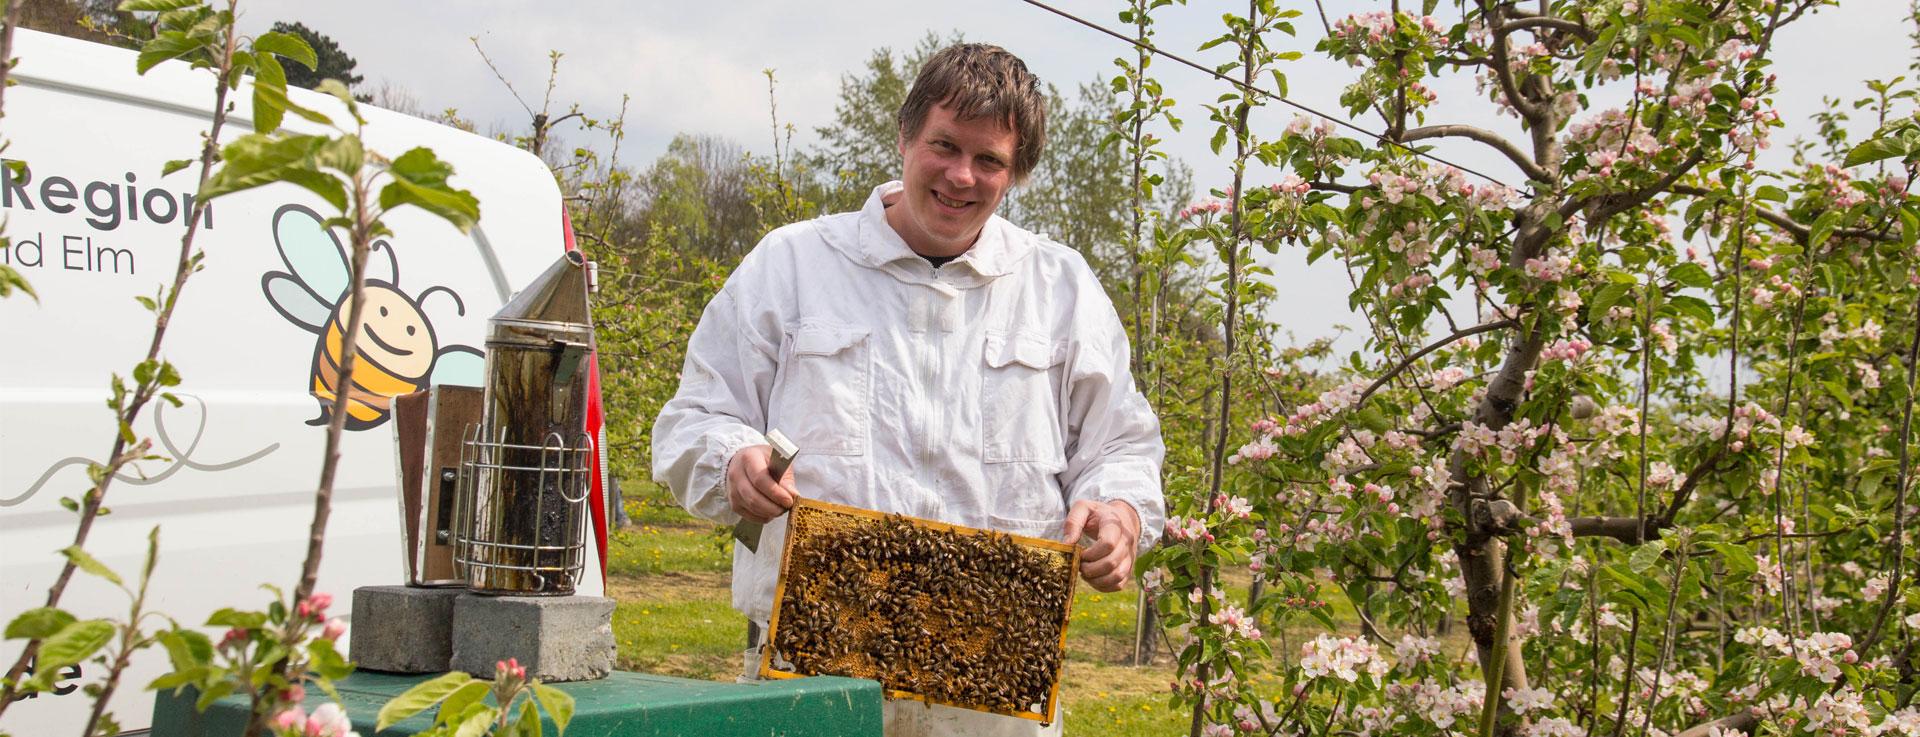 Bienen mitten in der Obstplantage